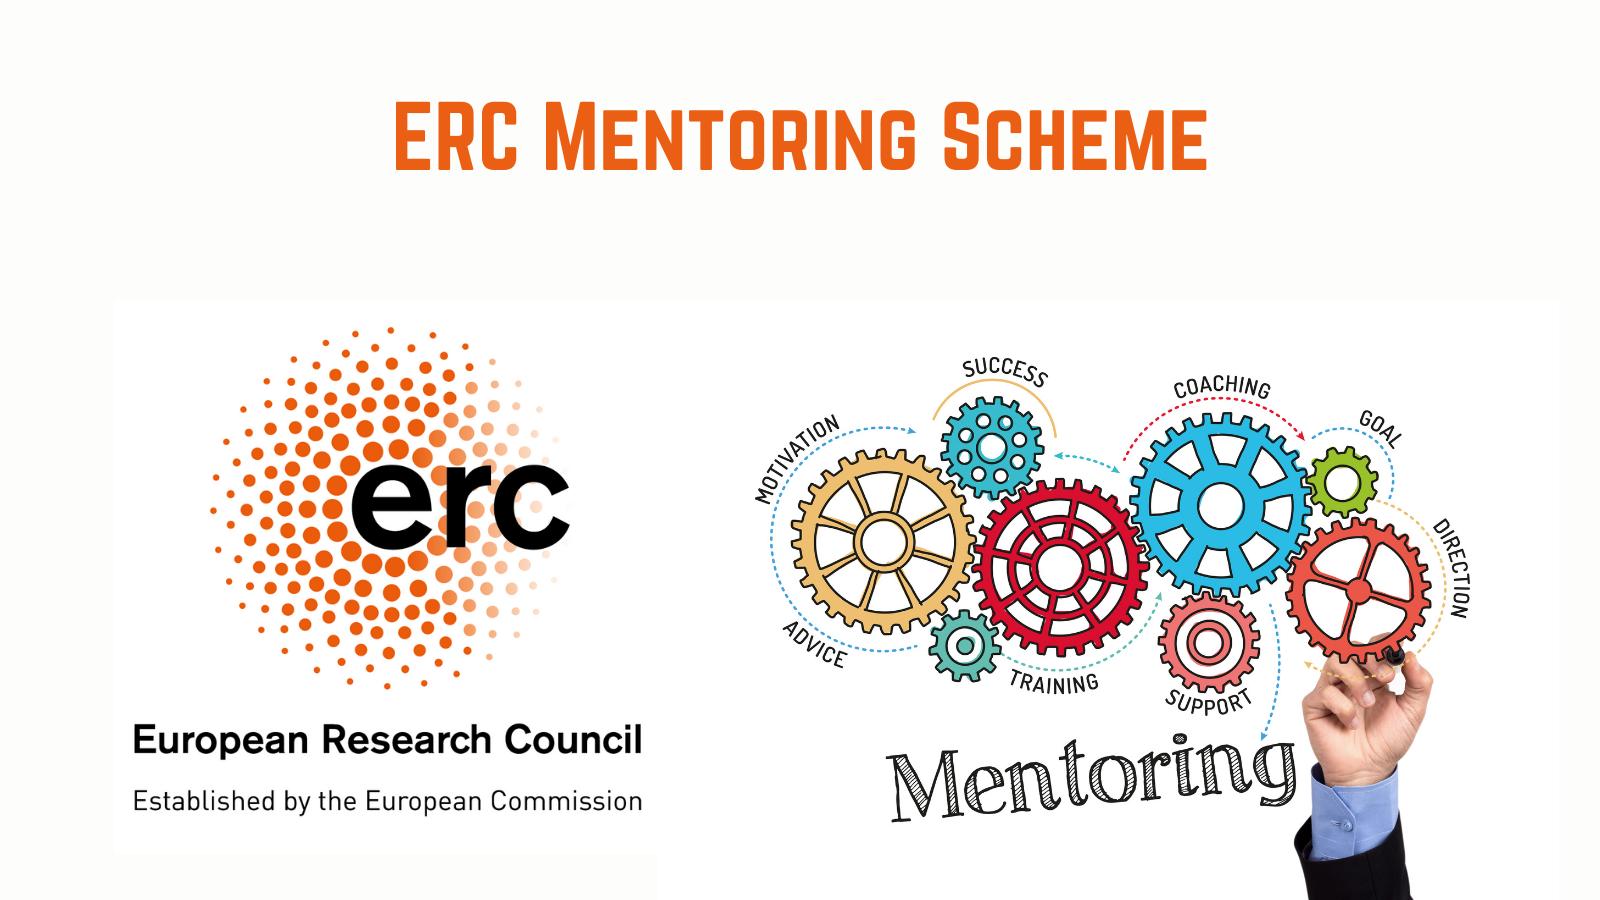 Το Ευρωπαϊκό Συμβούλιο Έρευνας εγκαινιάζει μία νέα πρωτοβουλία υποστήριξης